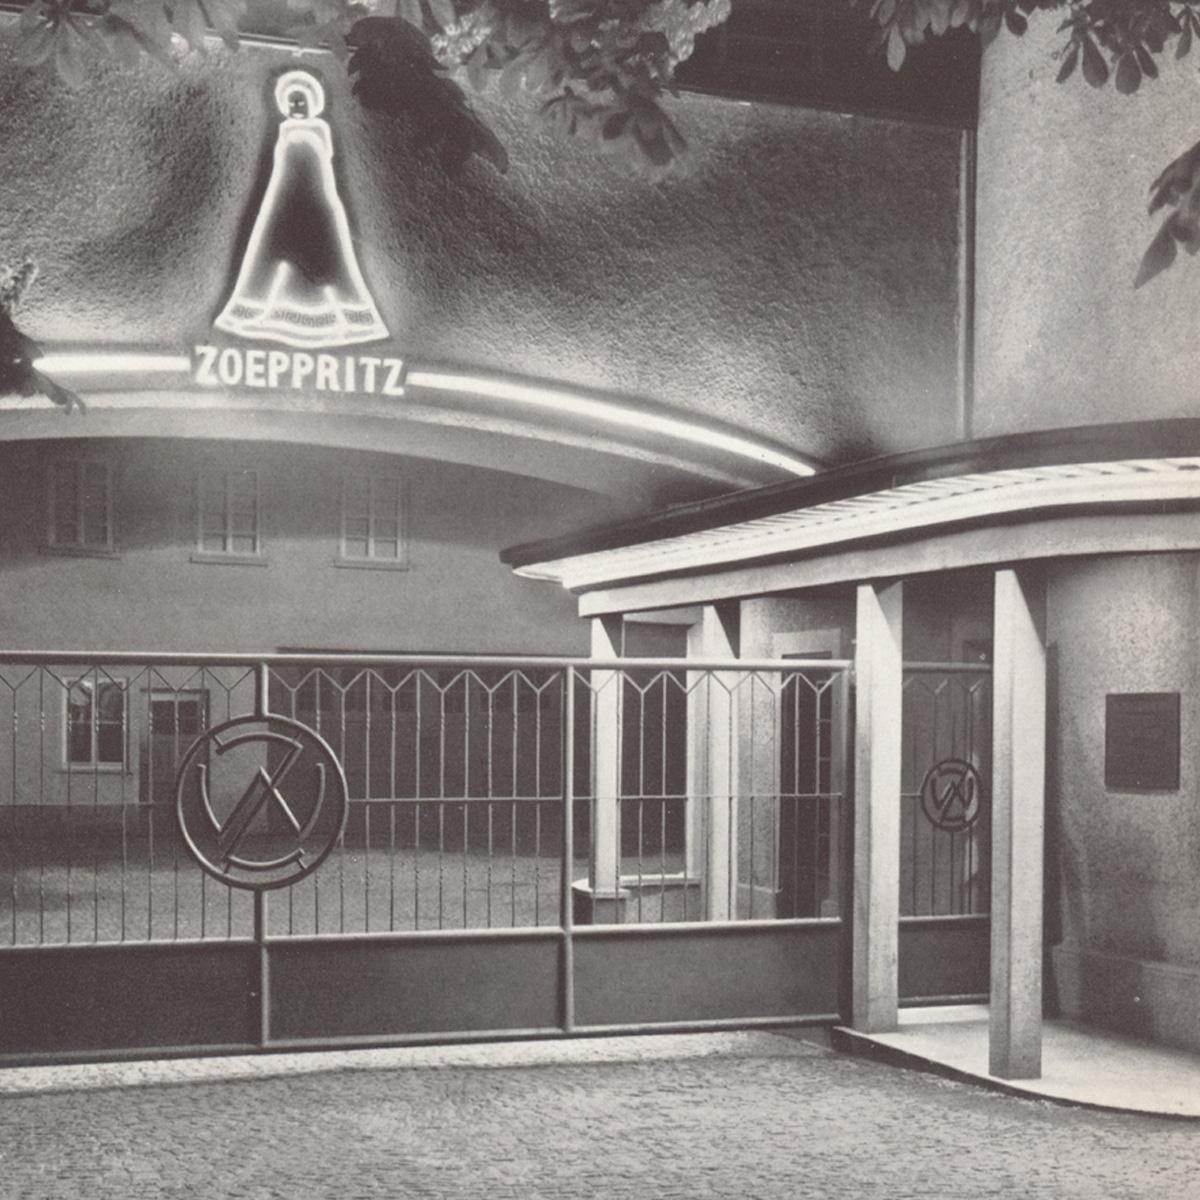 nächtliche Szene des bleuchteten Eingangsbereichs des zoeppritz Werkes um 1953